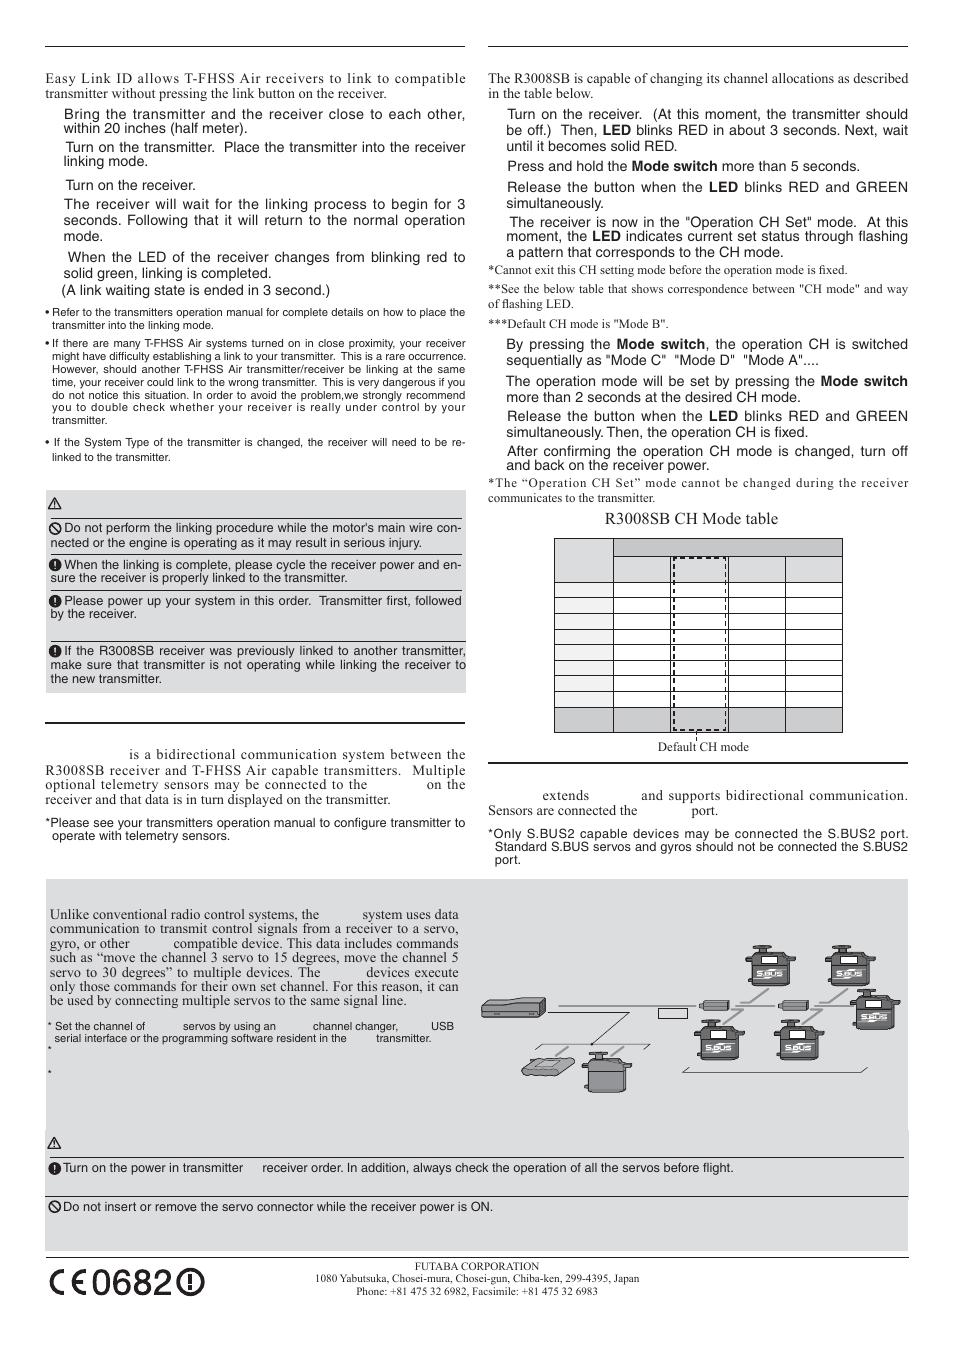 medium resolution of futaba transmitter wiring